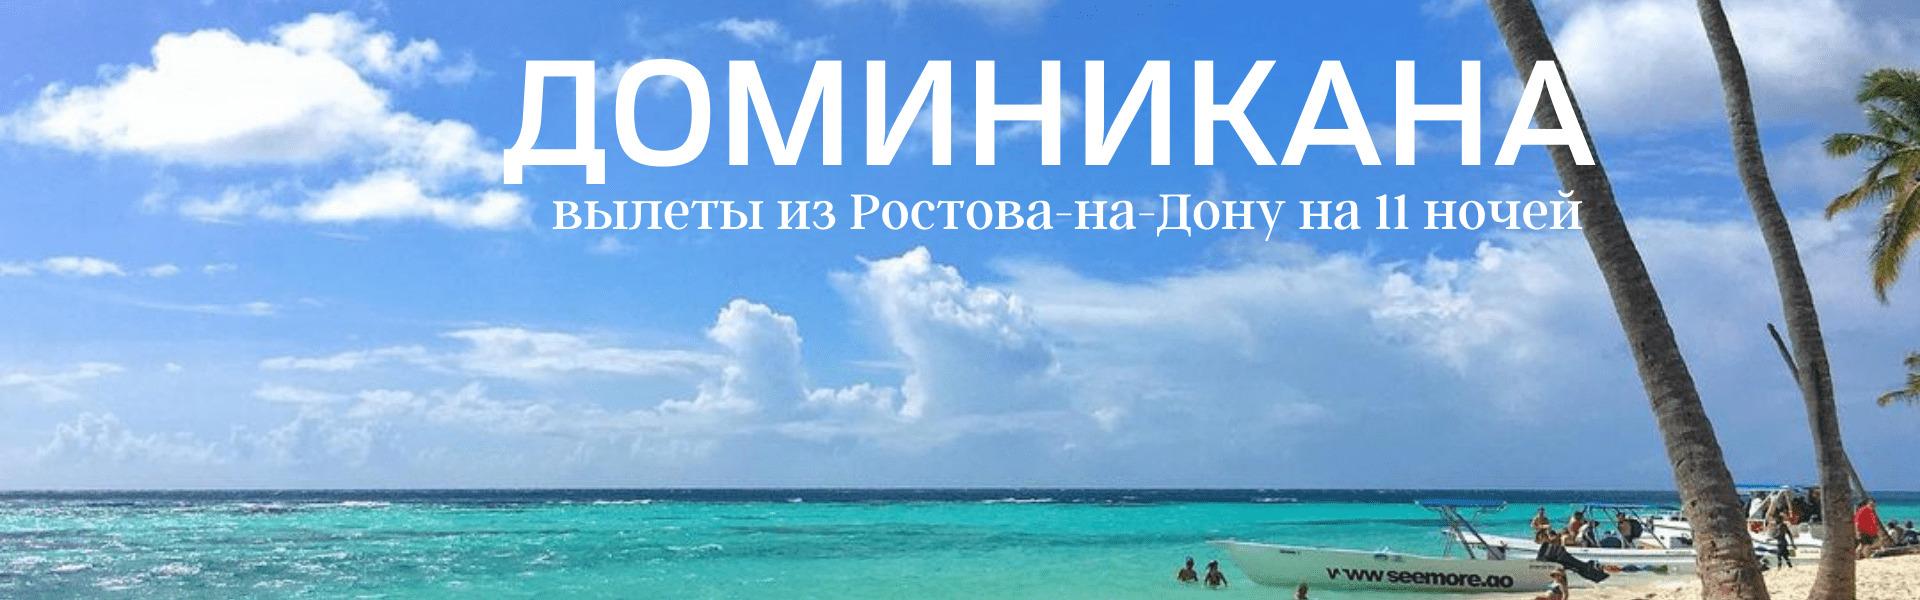 Туры в Доминикану из Ростова-на-Дону